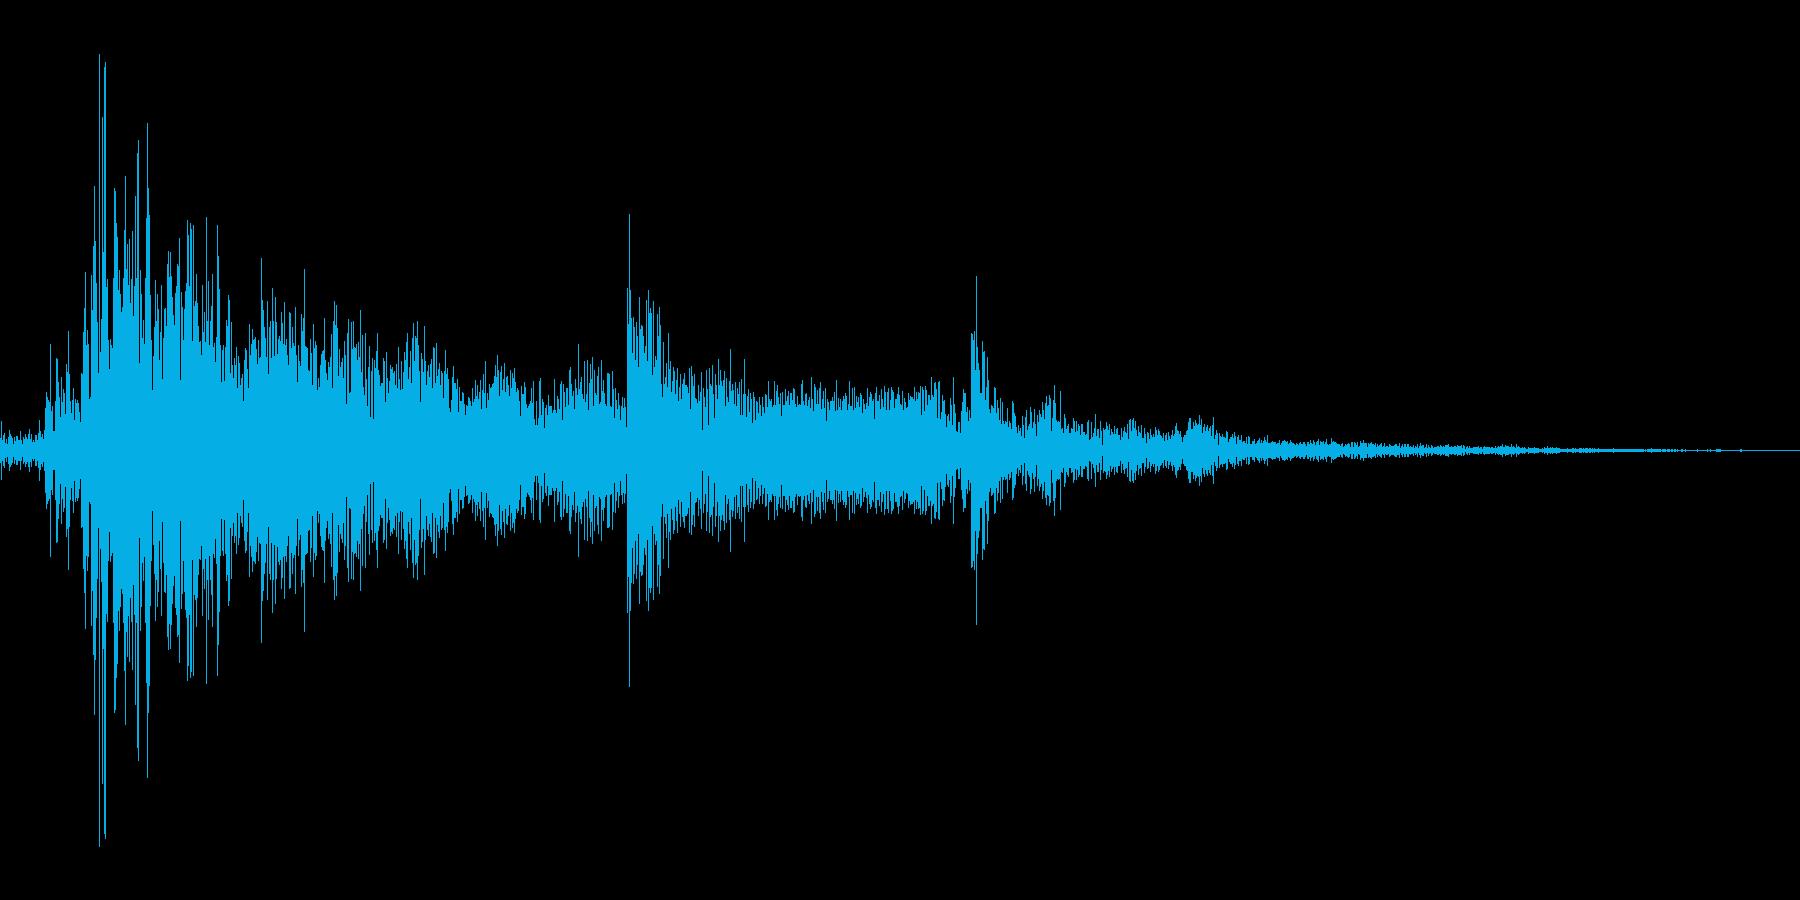 カギが落ちた音mの再生済みの波形